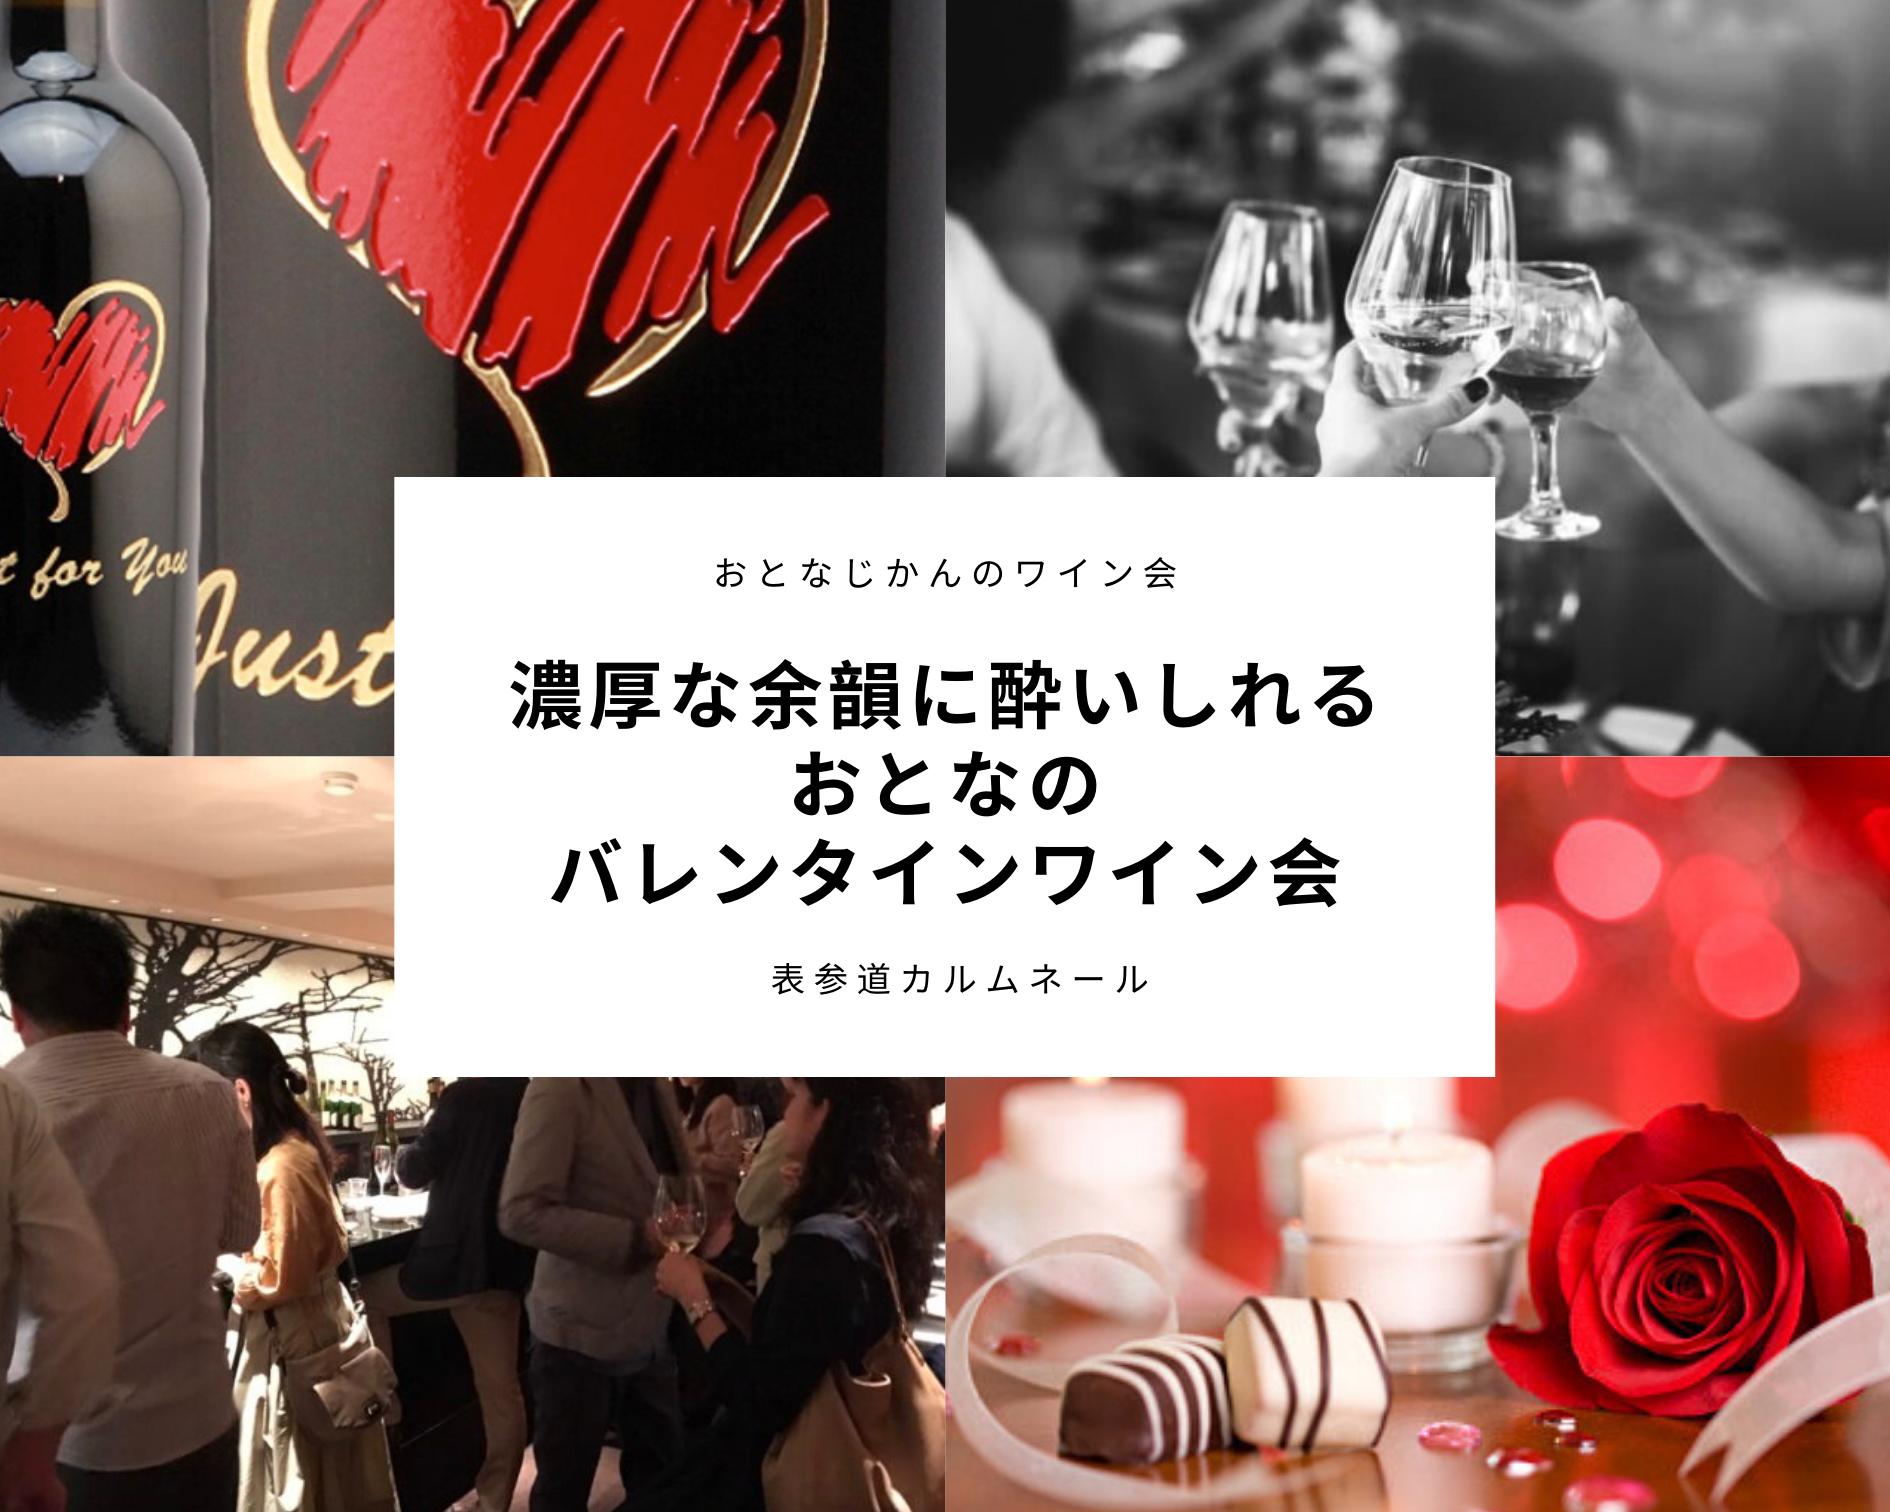 おとなのバレンタインワイン会